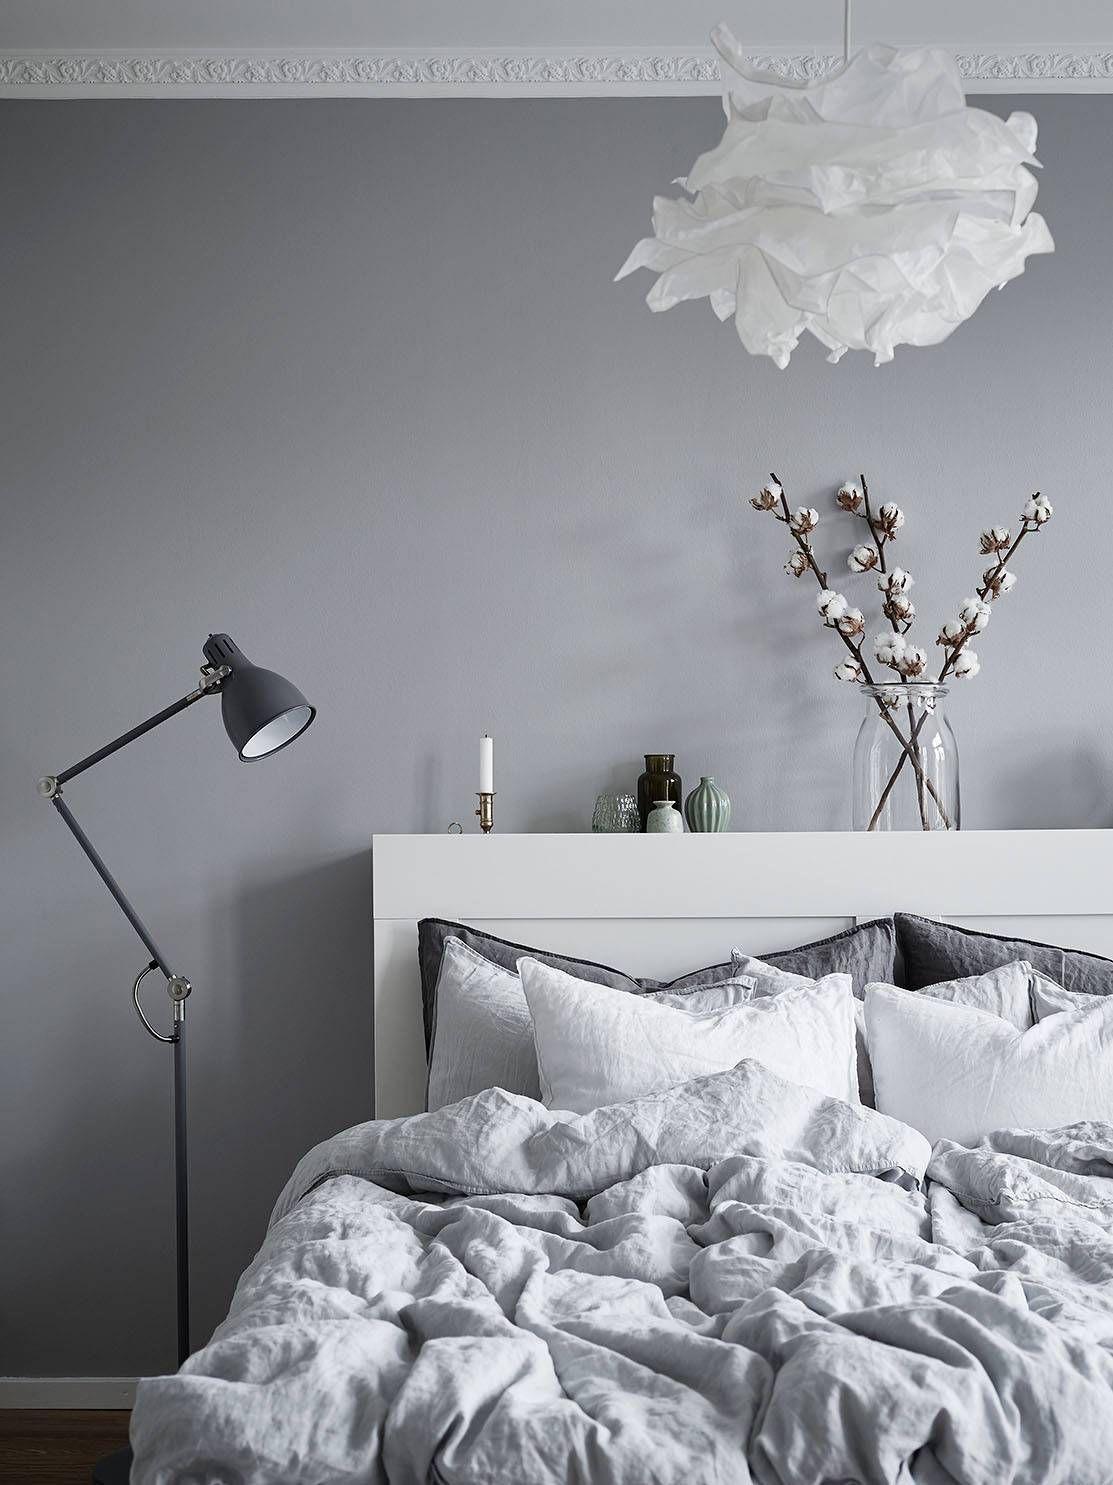 Fantastisch Die Standard Wandfarbe Funktioniert Nur, Wenn Auch Ein Konzept Dahinter  Steht. Worauf Man Bei Der Wandgestaltung Mit Weiß Achten Muss.